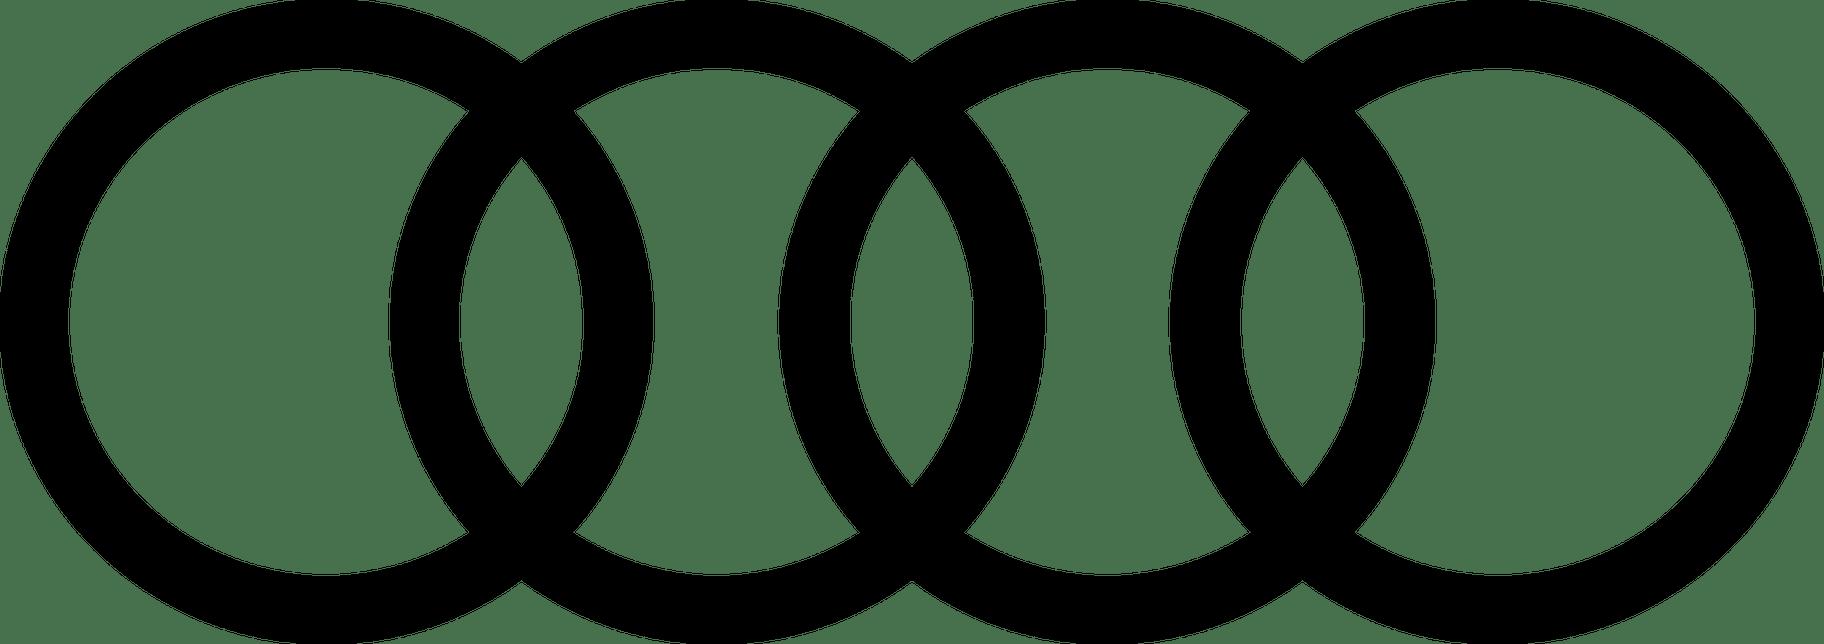 car logos for branding